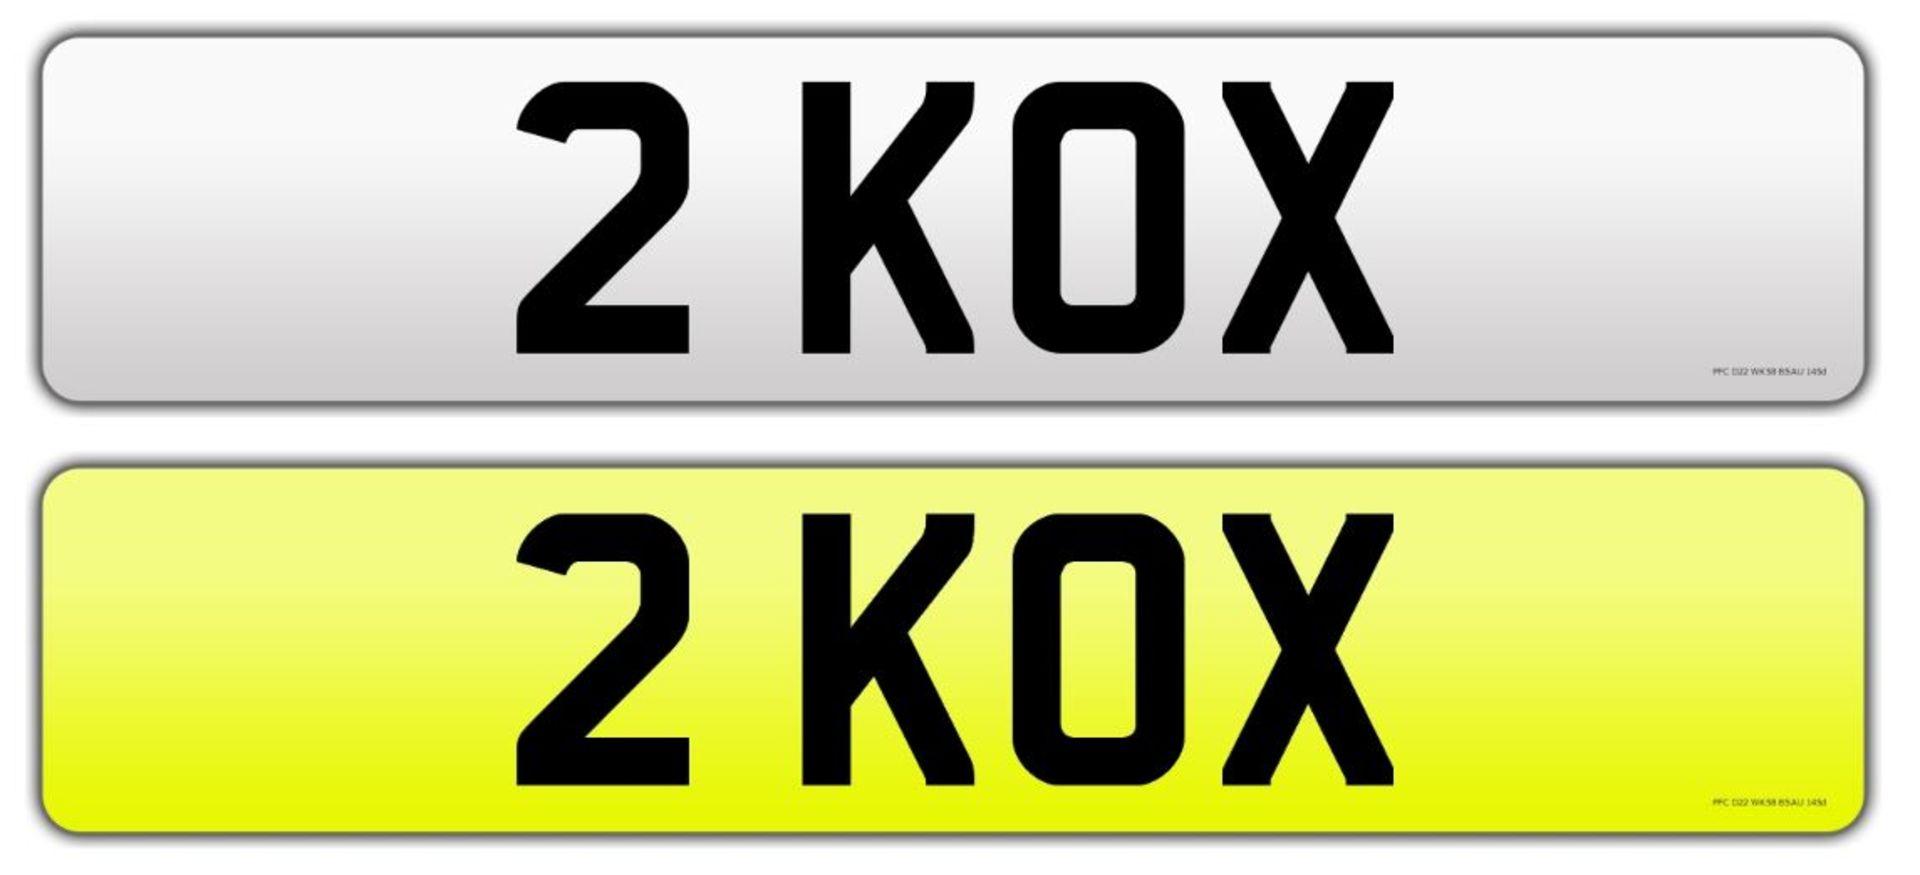 Lot 165 - Registration number 2 KOX